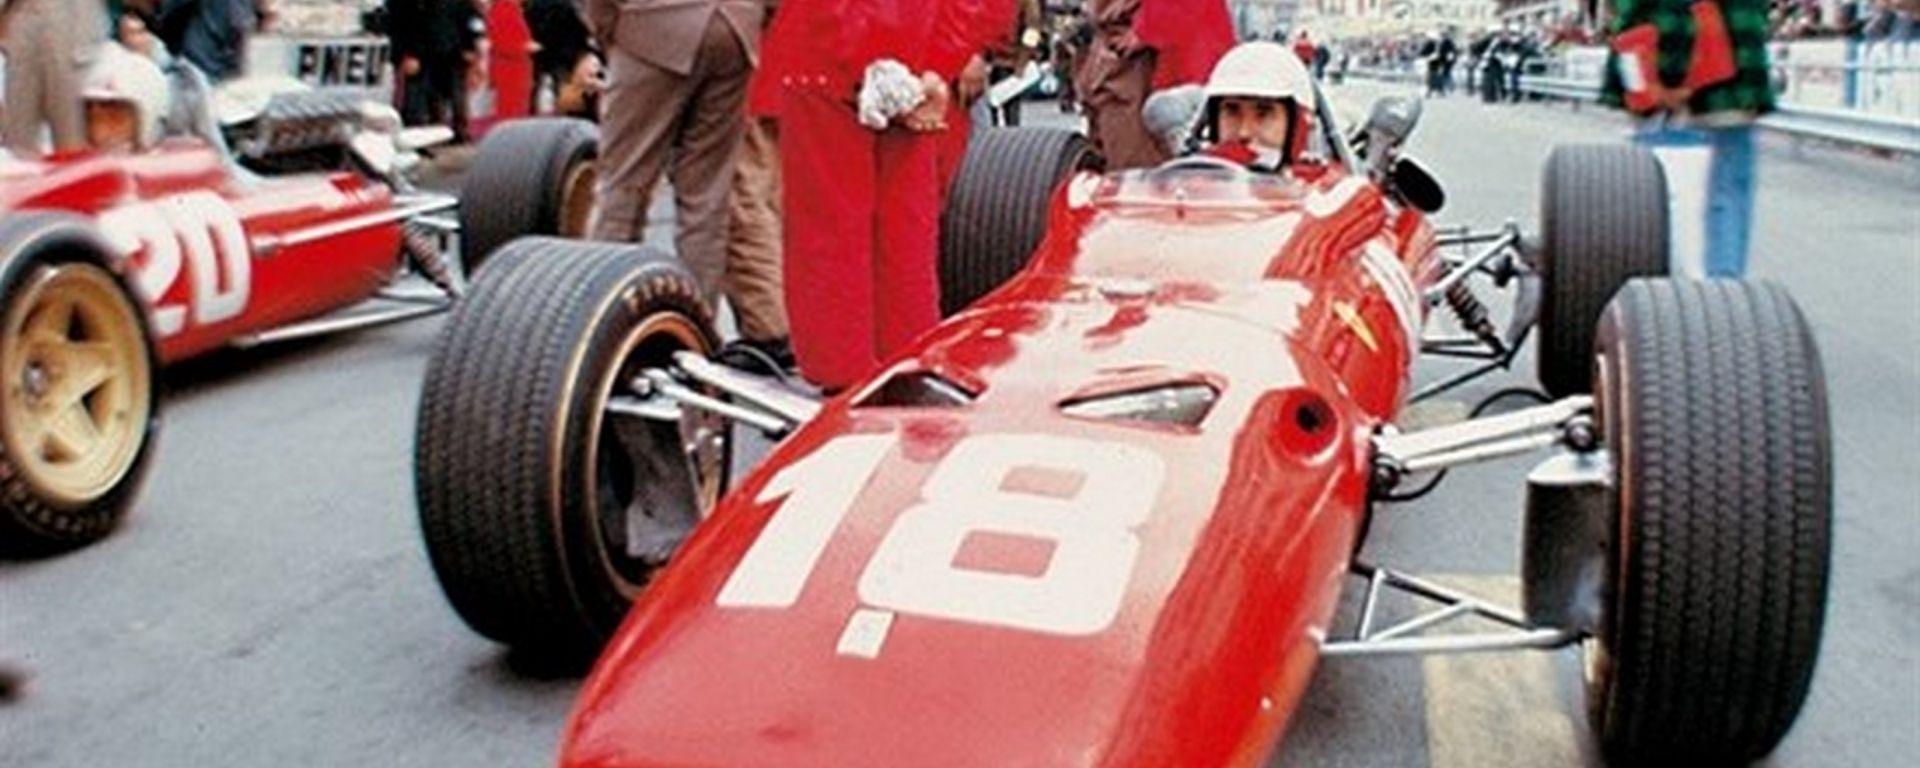 Lorenzo Bandini, pilota Ferrari di Formula 1, se ne andava 50 anni fa dopo un drammatico incidente a Monaco